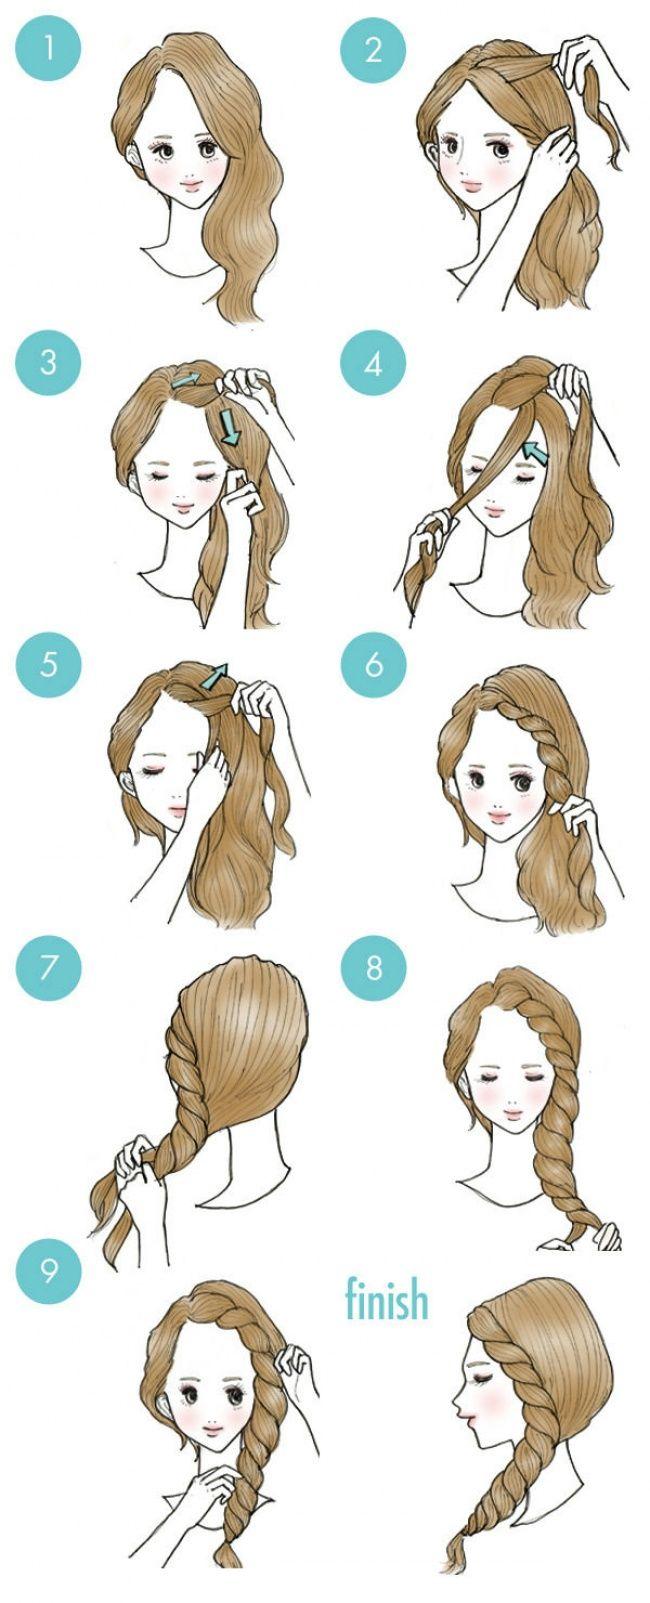 peinados súper lindos y fáciles que cualquiera puede hacer